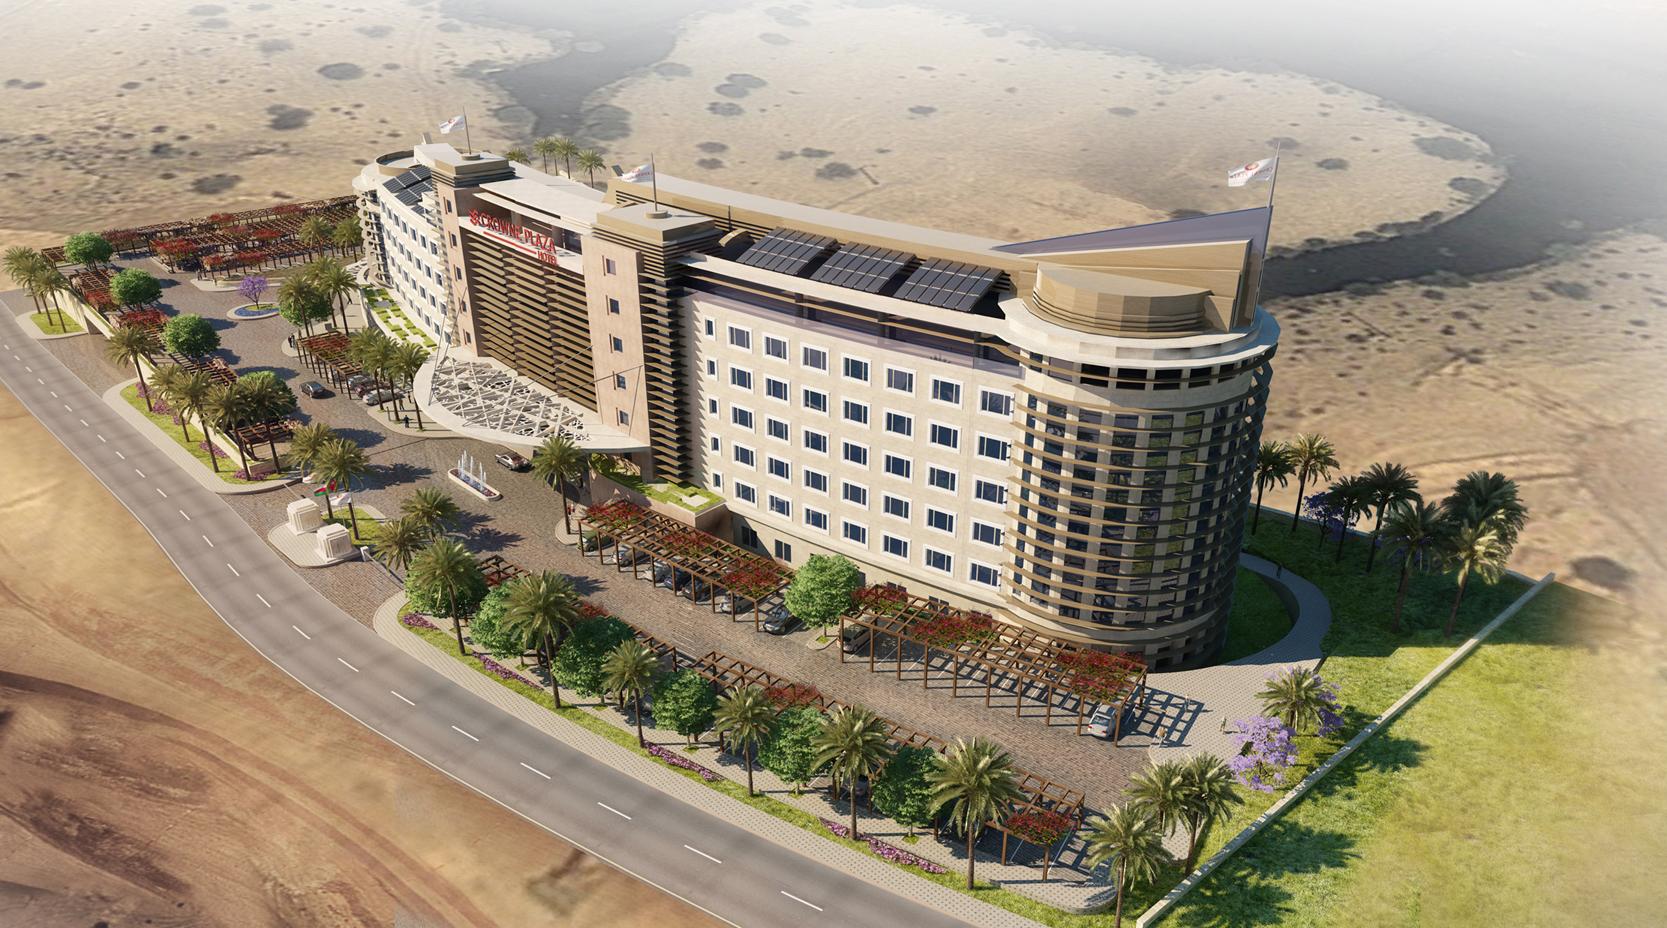 للعمانيين فقط ... 100 وظيفة يوفرها فندق كراون بلازا مسقط الجديد